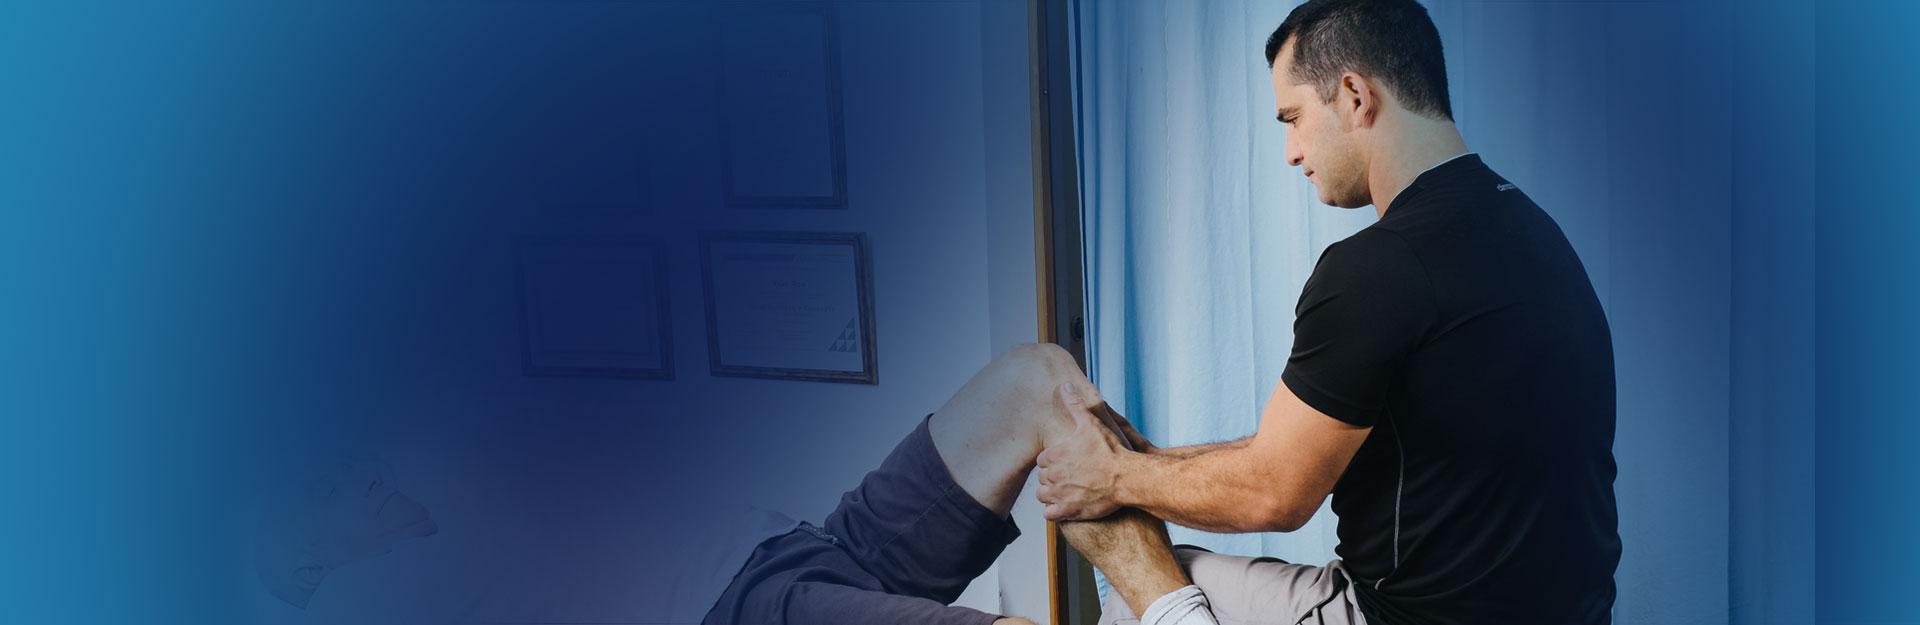 טיפול בכאבי ברכיים - יואב רון פיזיותרפיה